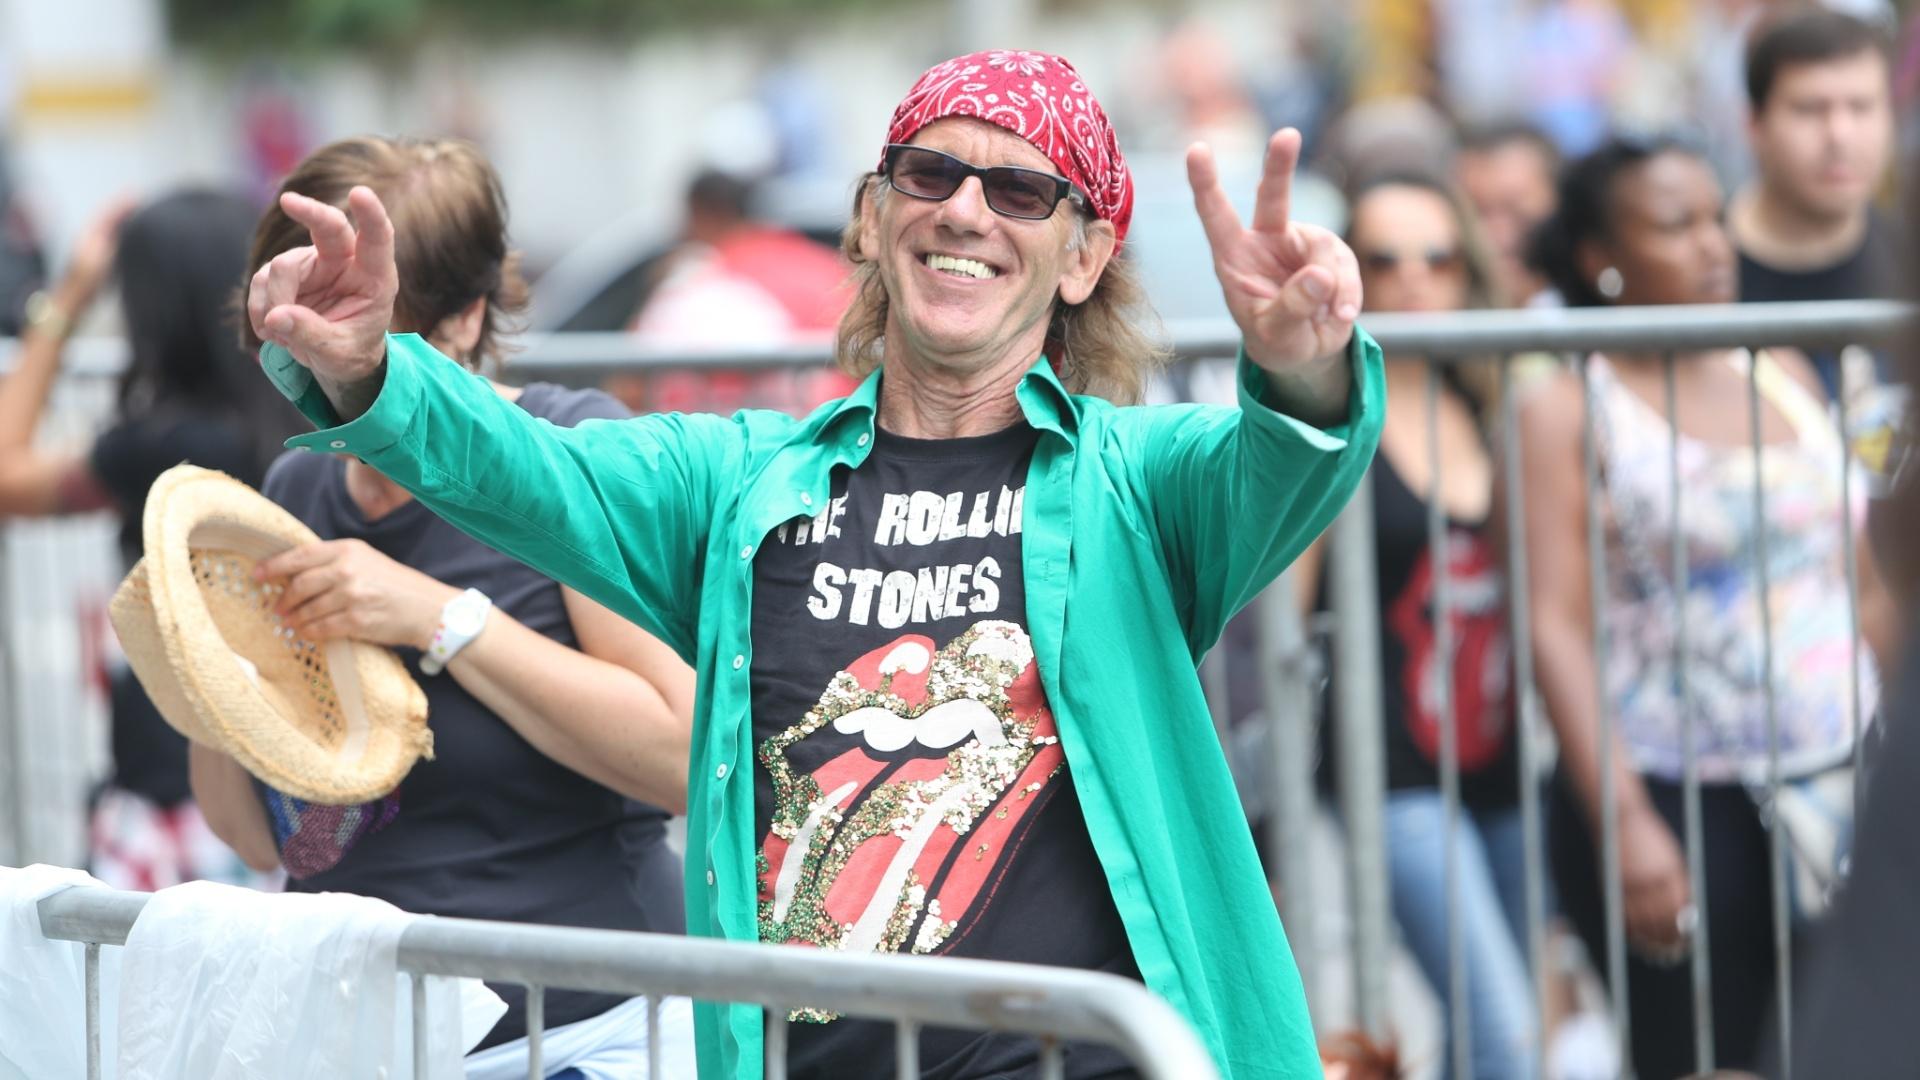 24.fev.2016 - Sósia do guitarrista Keith Richards faz brincadeira na fila antes de entrar para o show dos Rolling Stones no estádio do Morumbi, em São Paulo